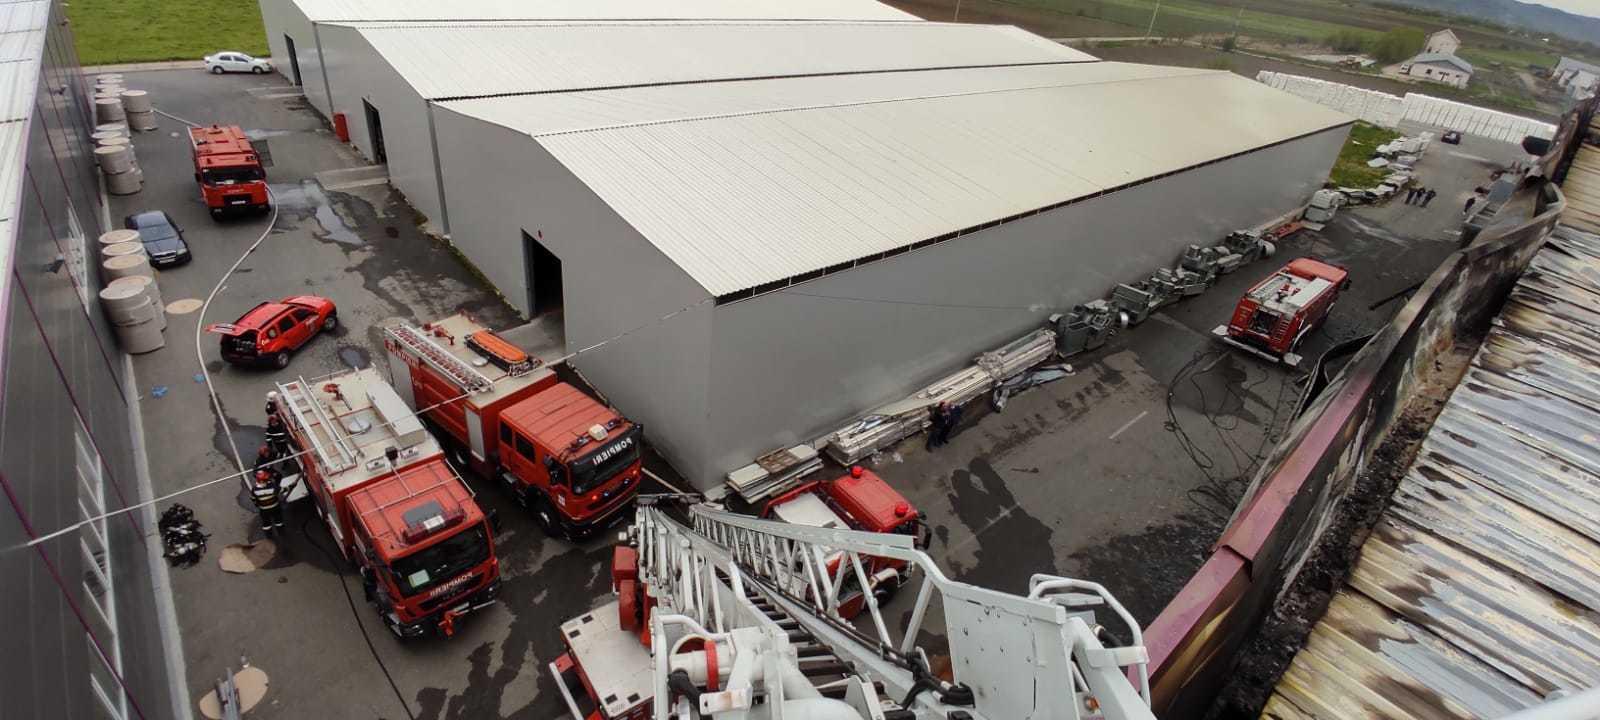 Reprezentanţii fabricii de hârtie din Dej afectate de un incendiu: Daunele sunt exclusiv de natură materială/ Continuitatea business-ului nu a fost afectată